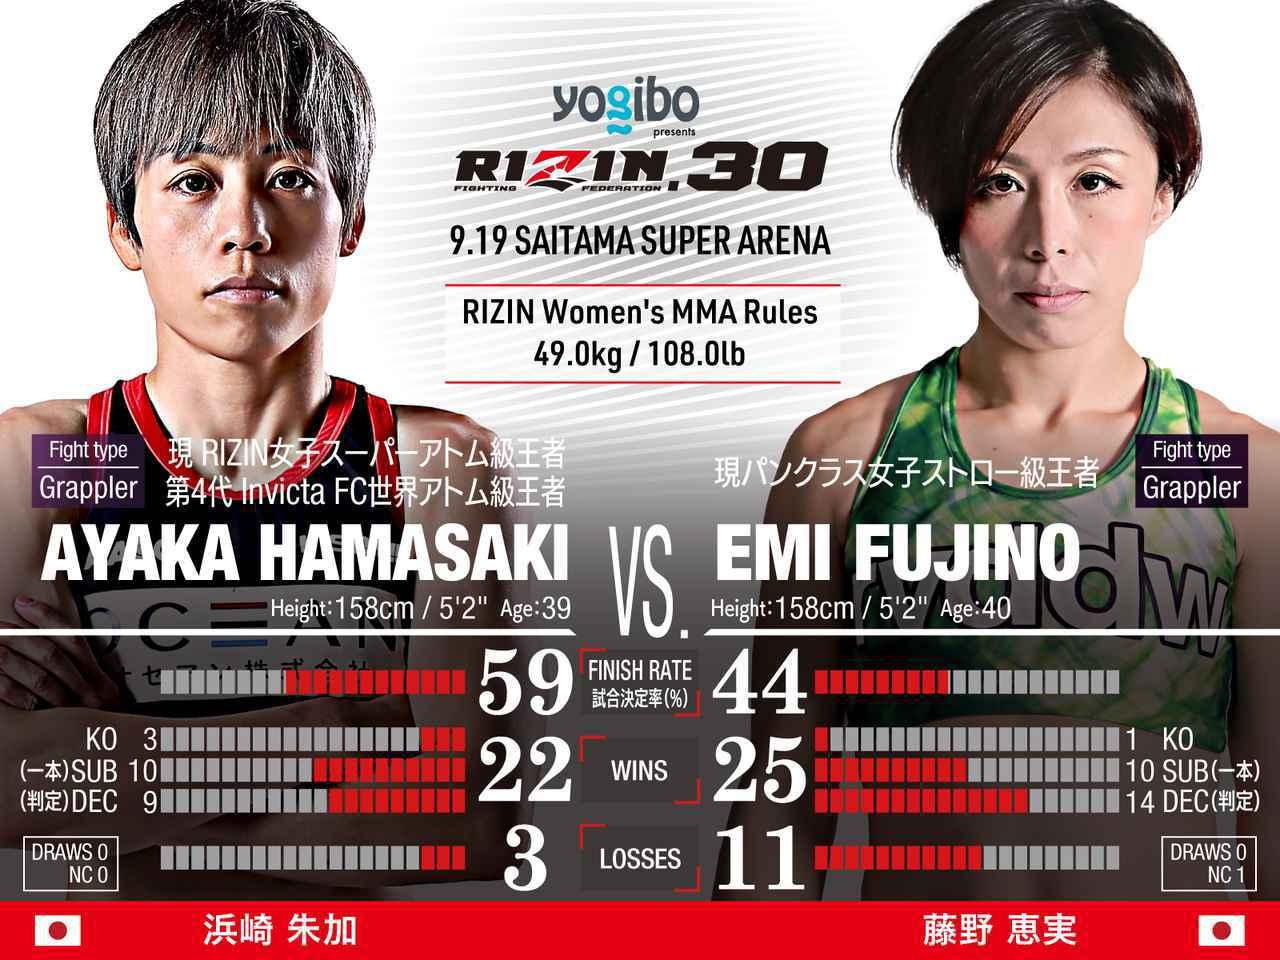 画像: Ayaka Hamasaki vs Emi Fujino